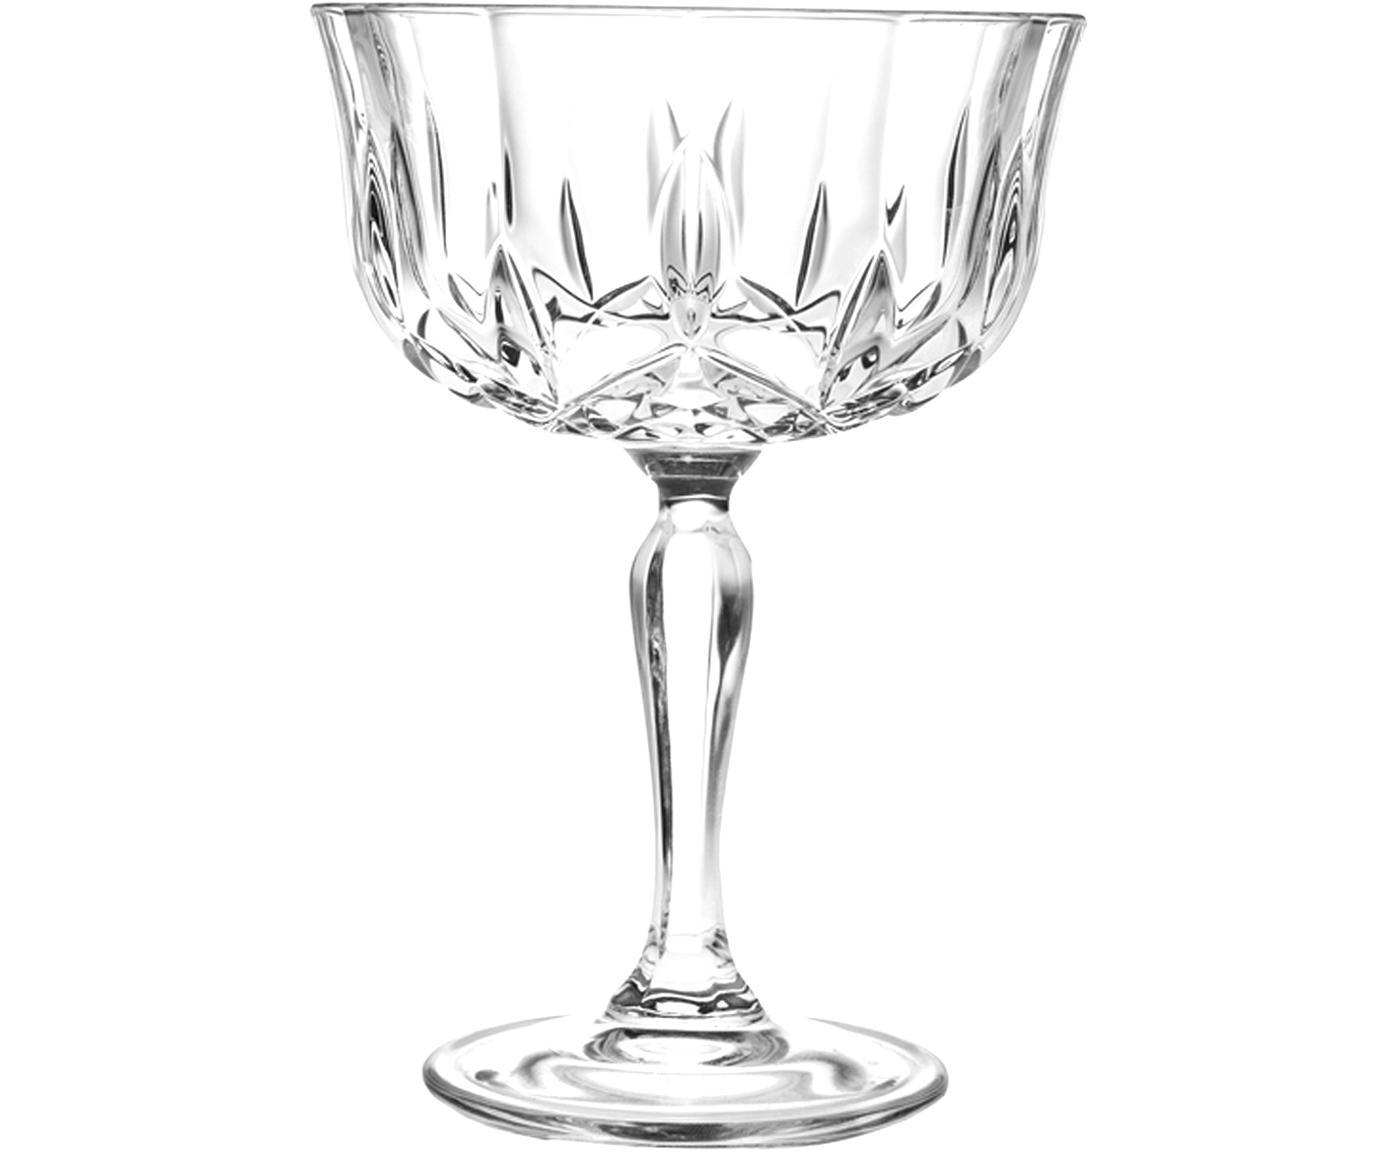 Coppa champagne in cristallo Opera 6 pz, Cristallo Luxion, Trasparente, Ø 10 x Alt. 14 cm